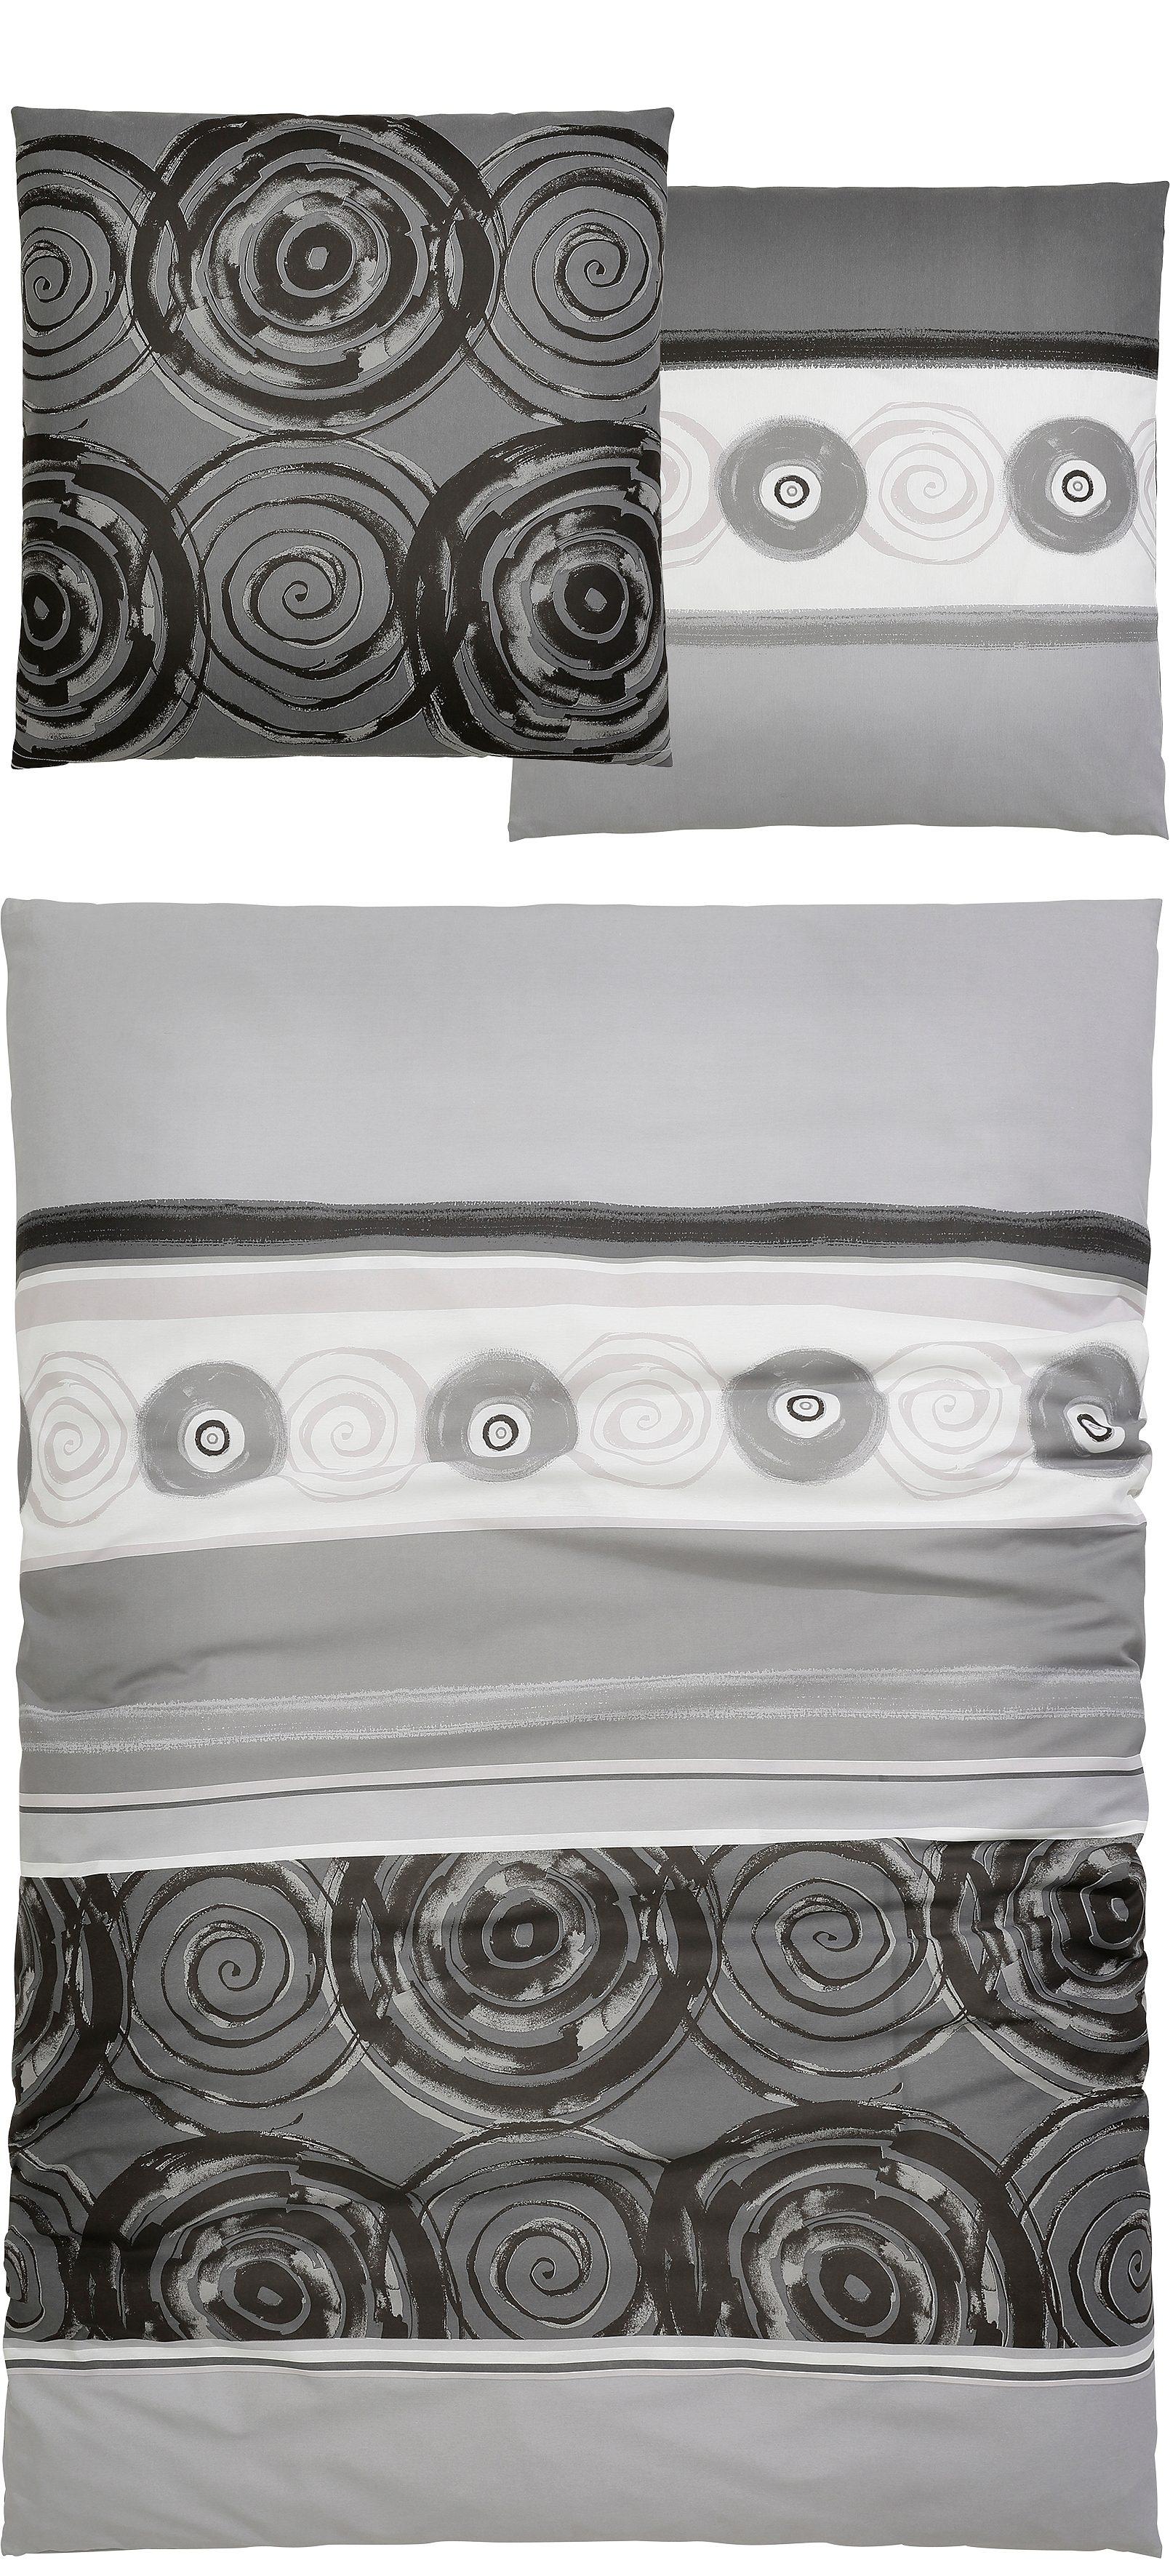 Bettwäsche, Auro Hometextiles, »Tyler«, mit kreisförmigen Ornamenten